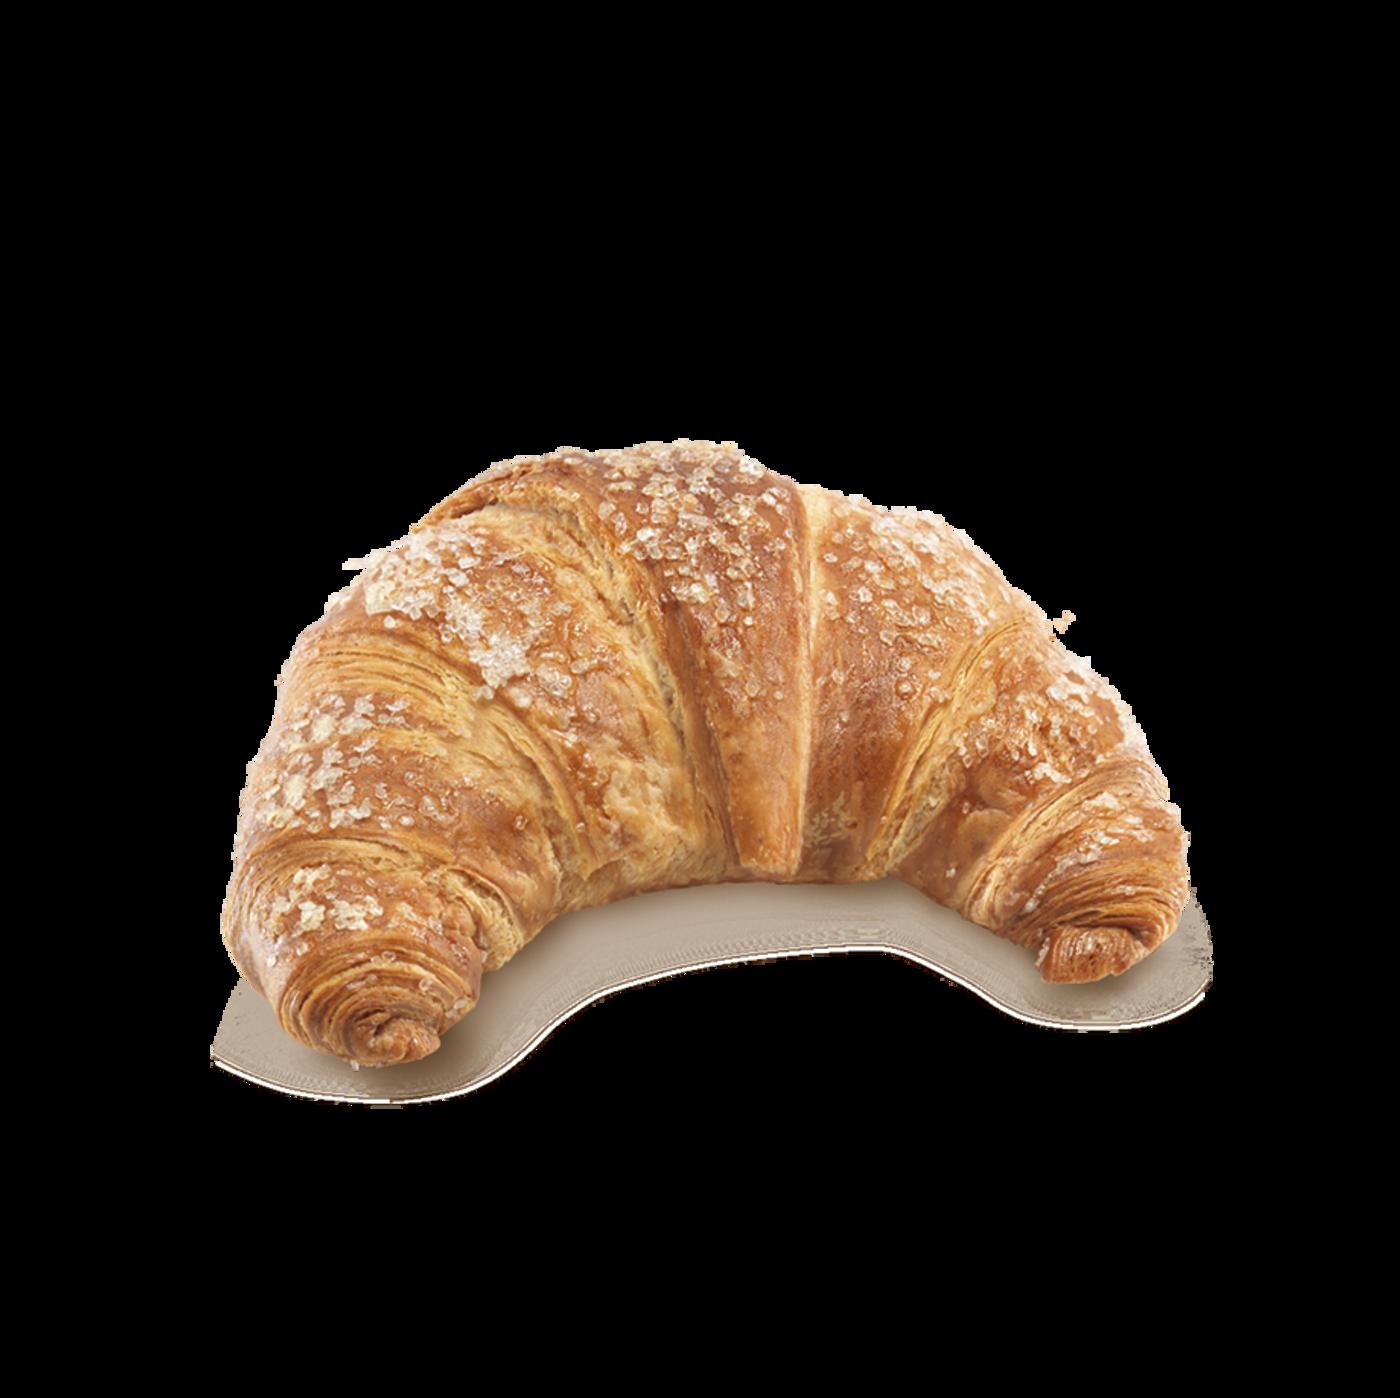 Croissant extra curvo de pistacho